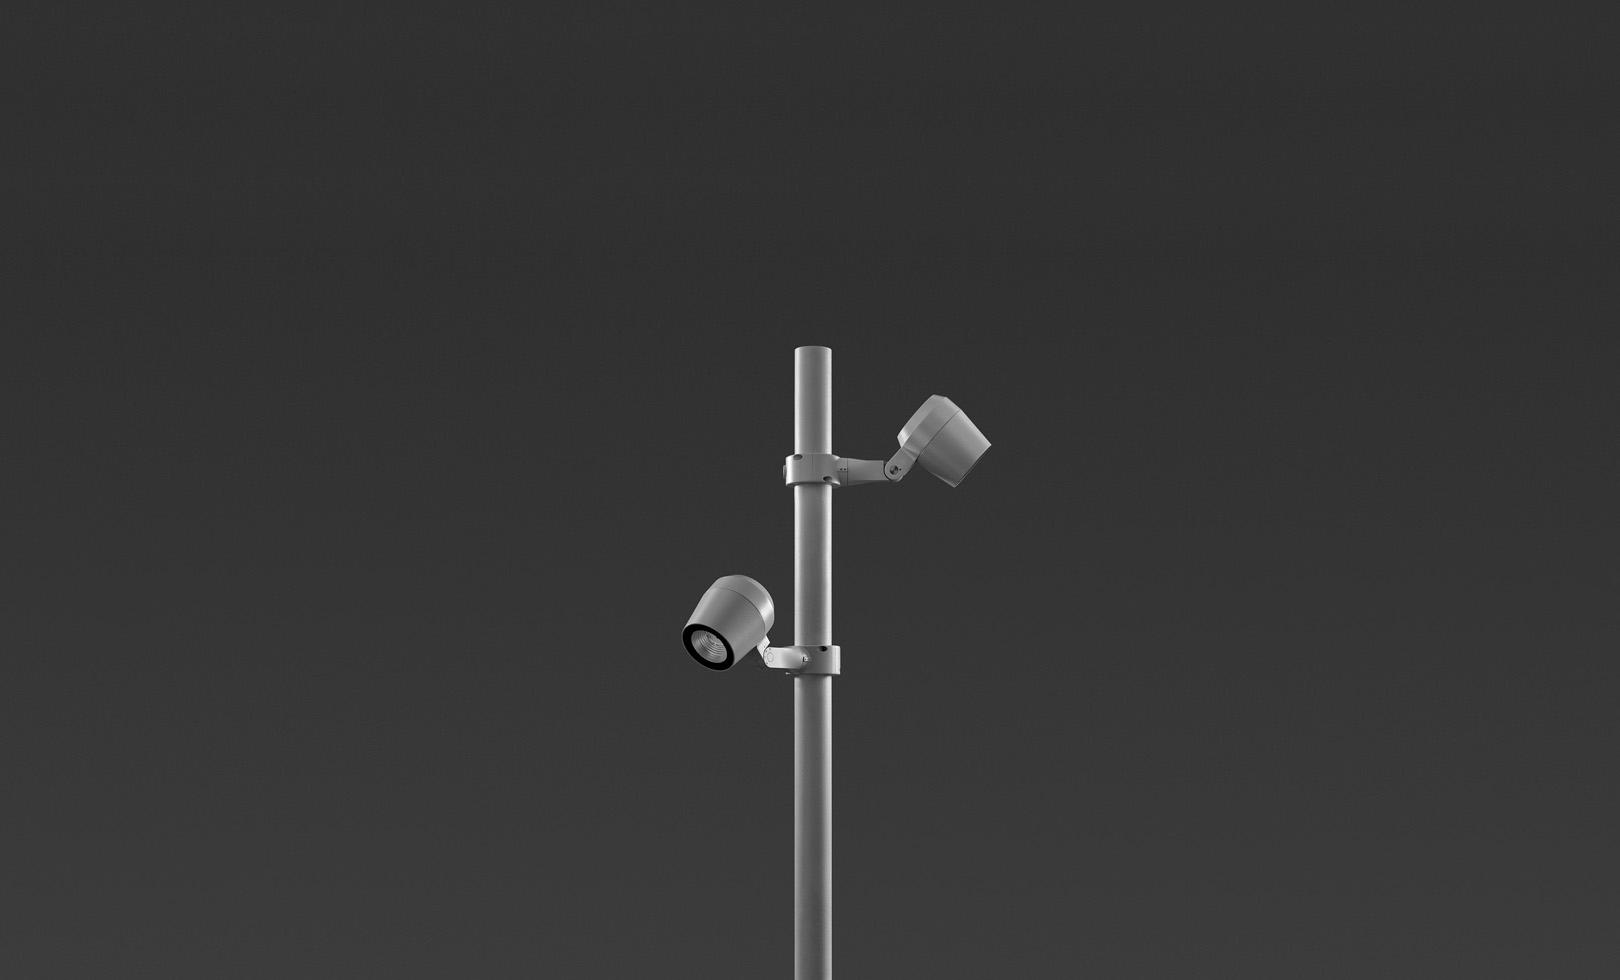 807002-807005 RING POLE MEDIUM LED 1